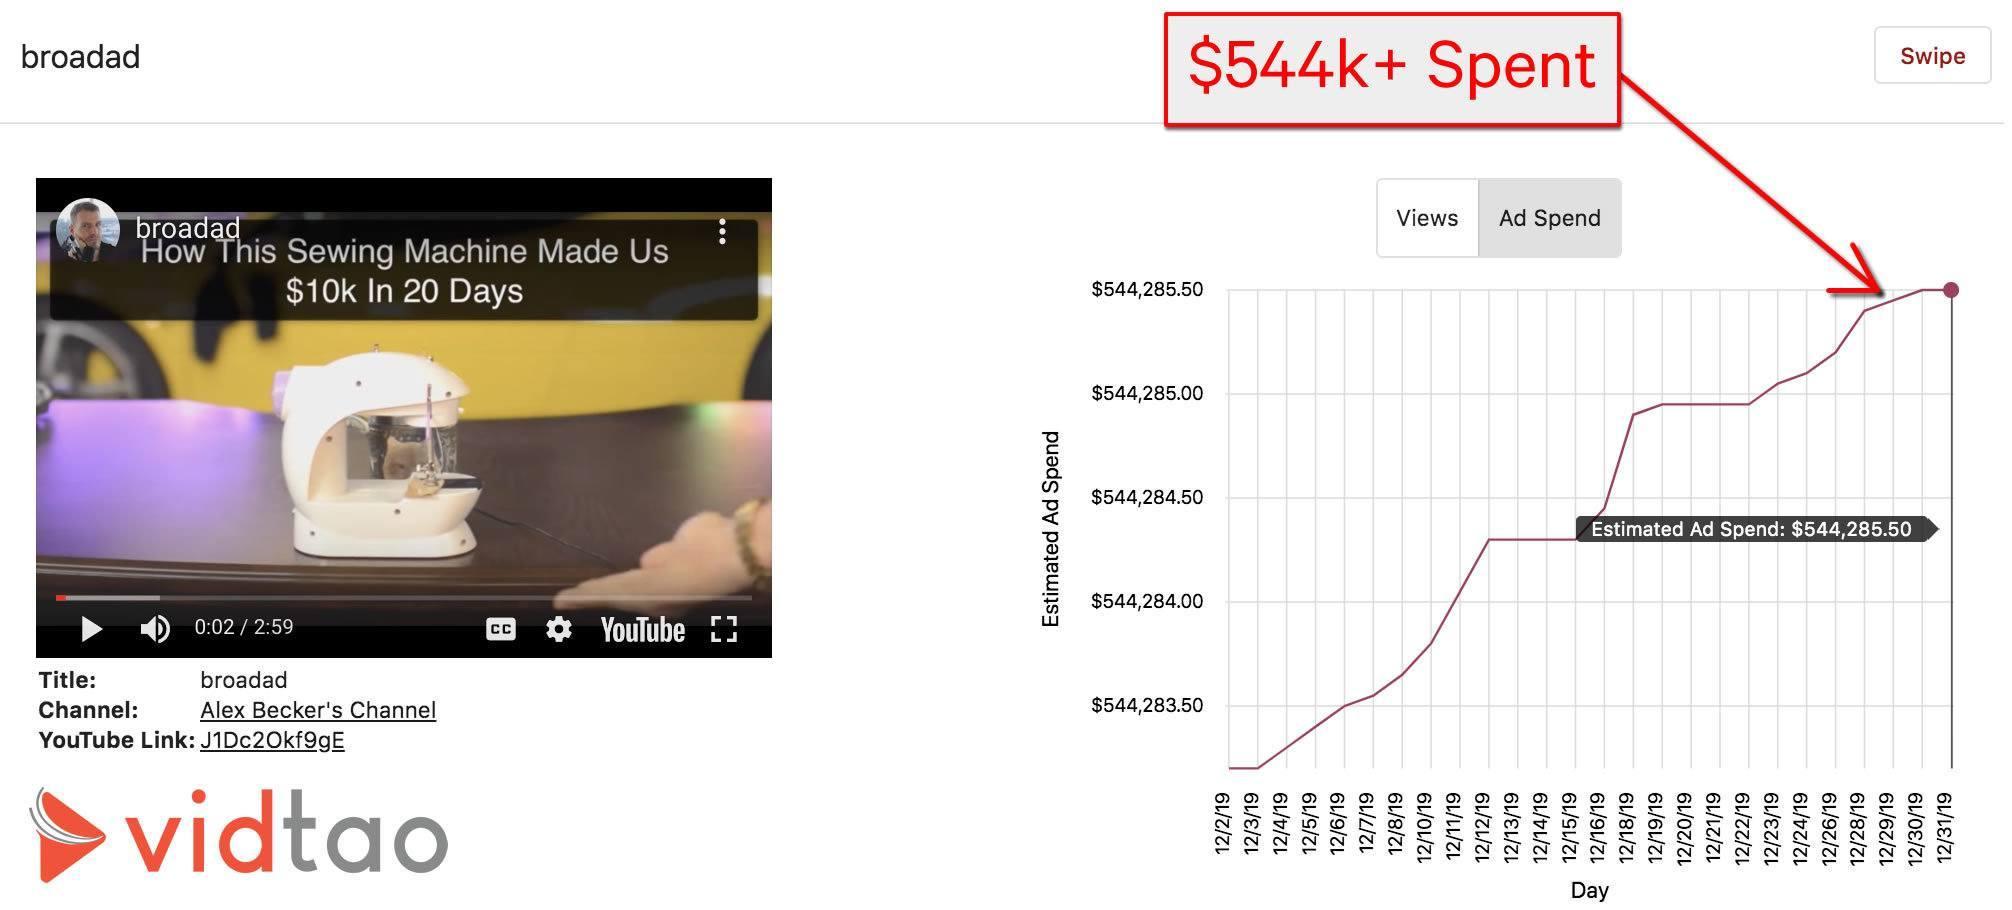 youtube-ad-spy-tool-screenshot-alexbecker-sewing-machine-screenshot-20200101-1